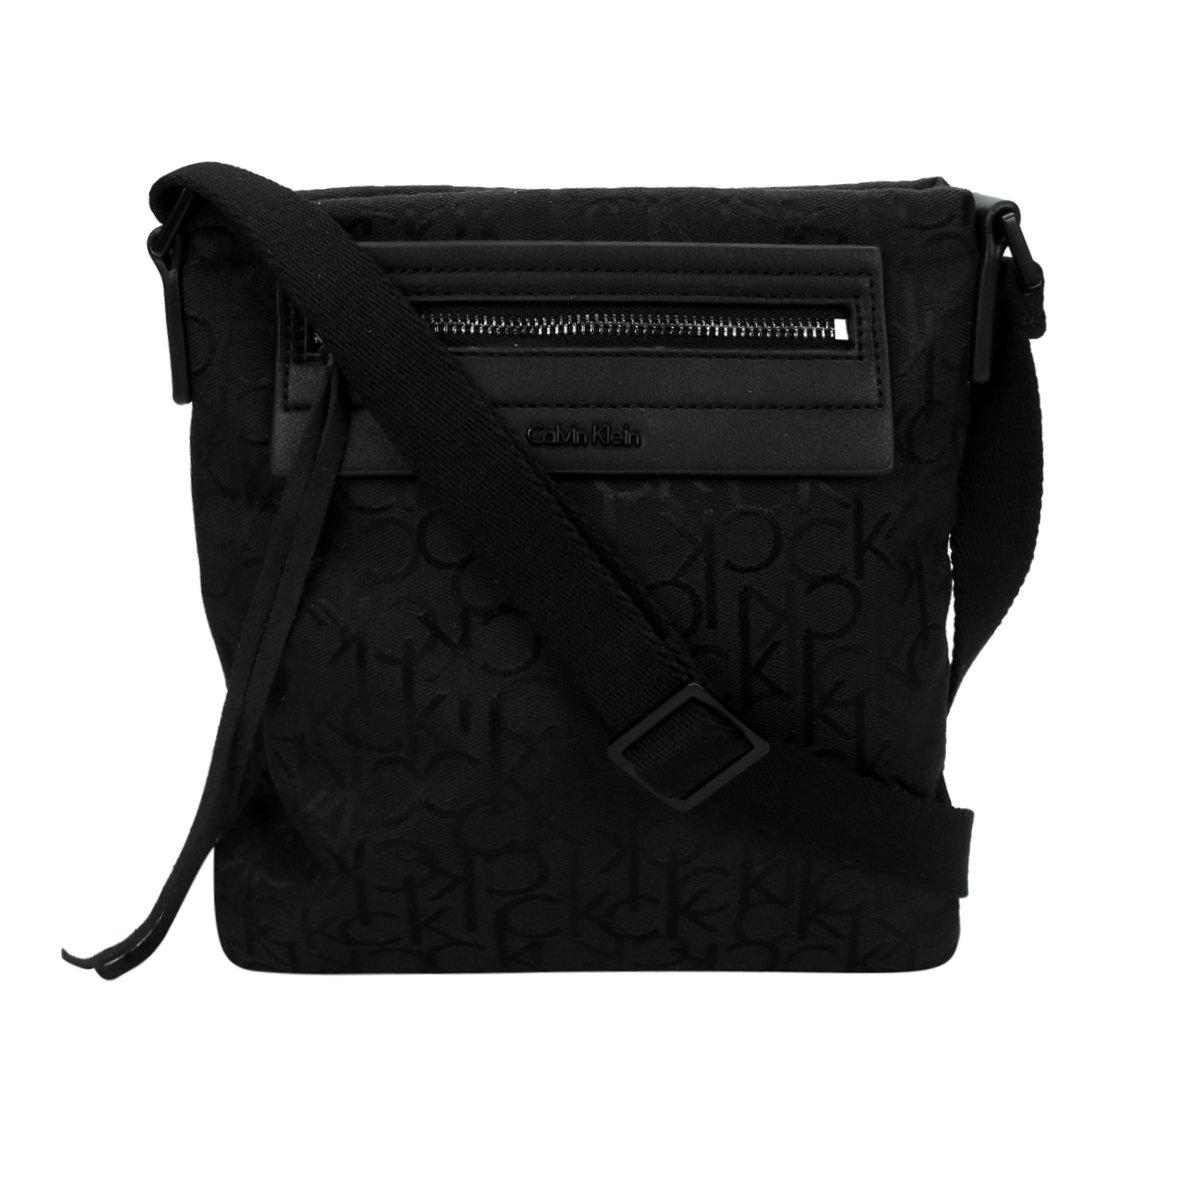 Bolsa Calvin Klein Transversal Bolso Frontal - Compre Agora   Netshoes 0e72dab350